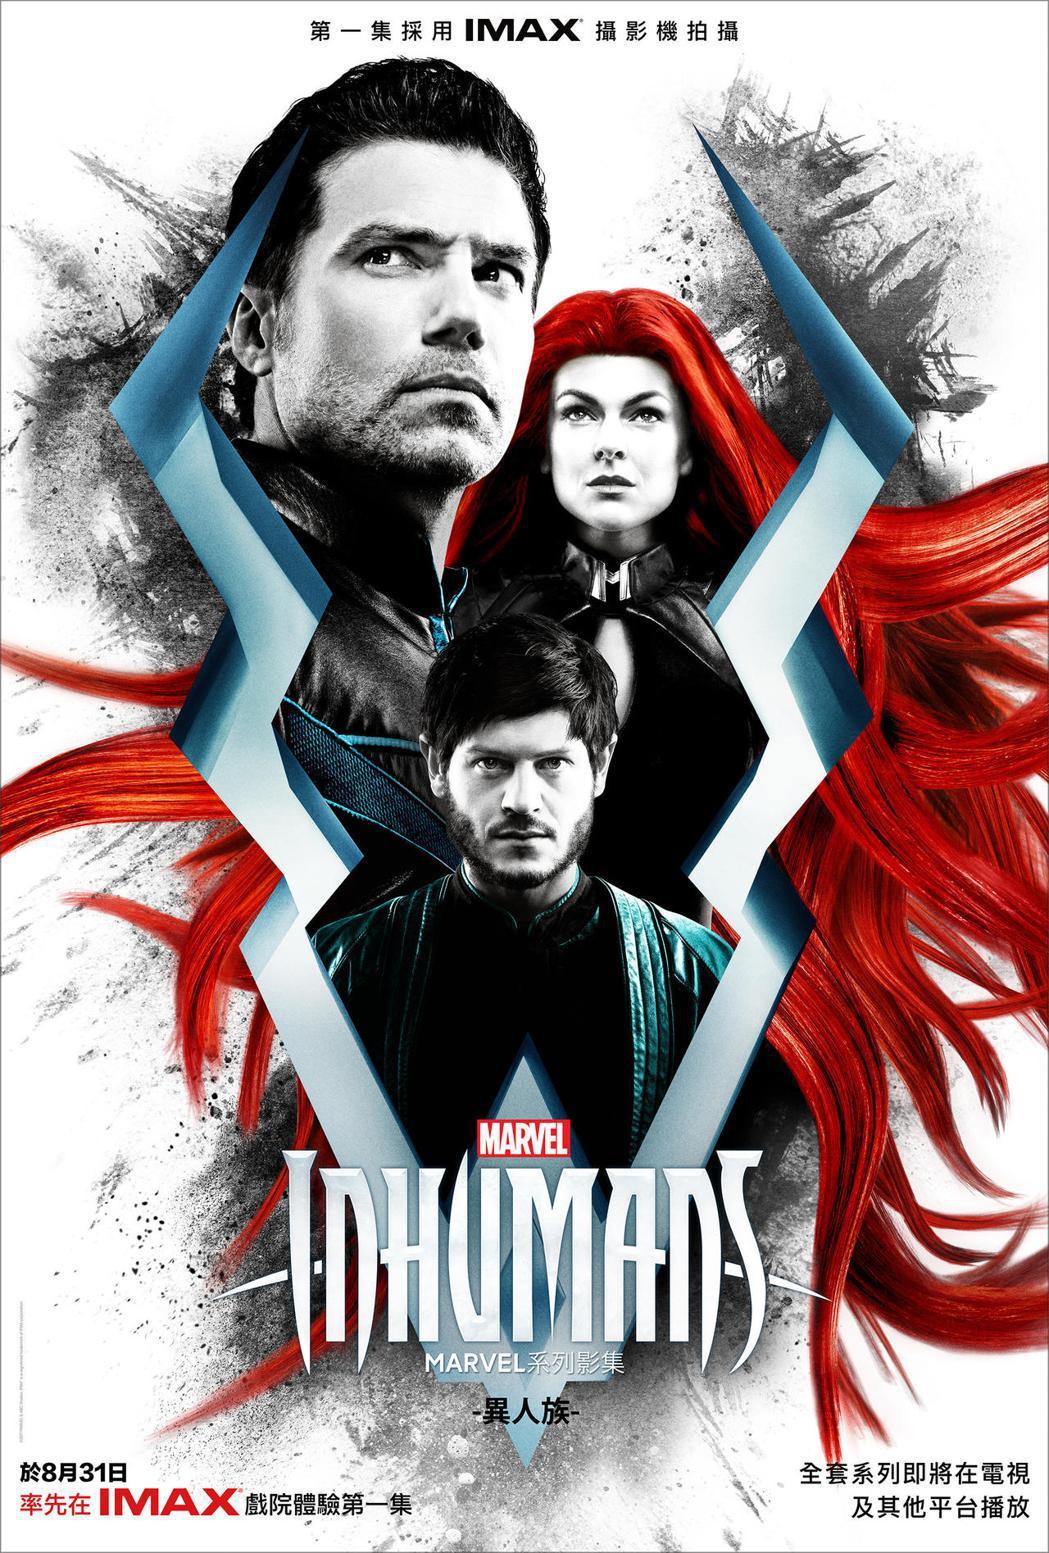 「異人族」將搶先在IMAX映廳上演。圖/IMAX提供